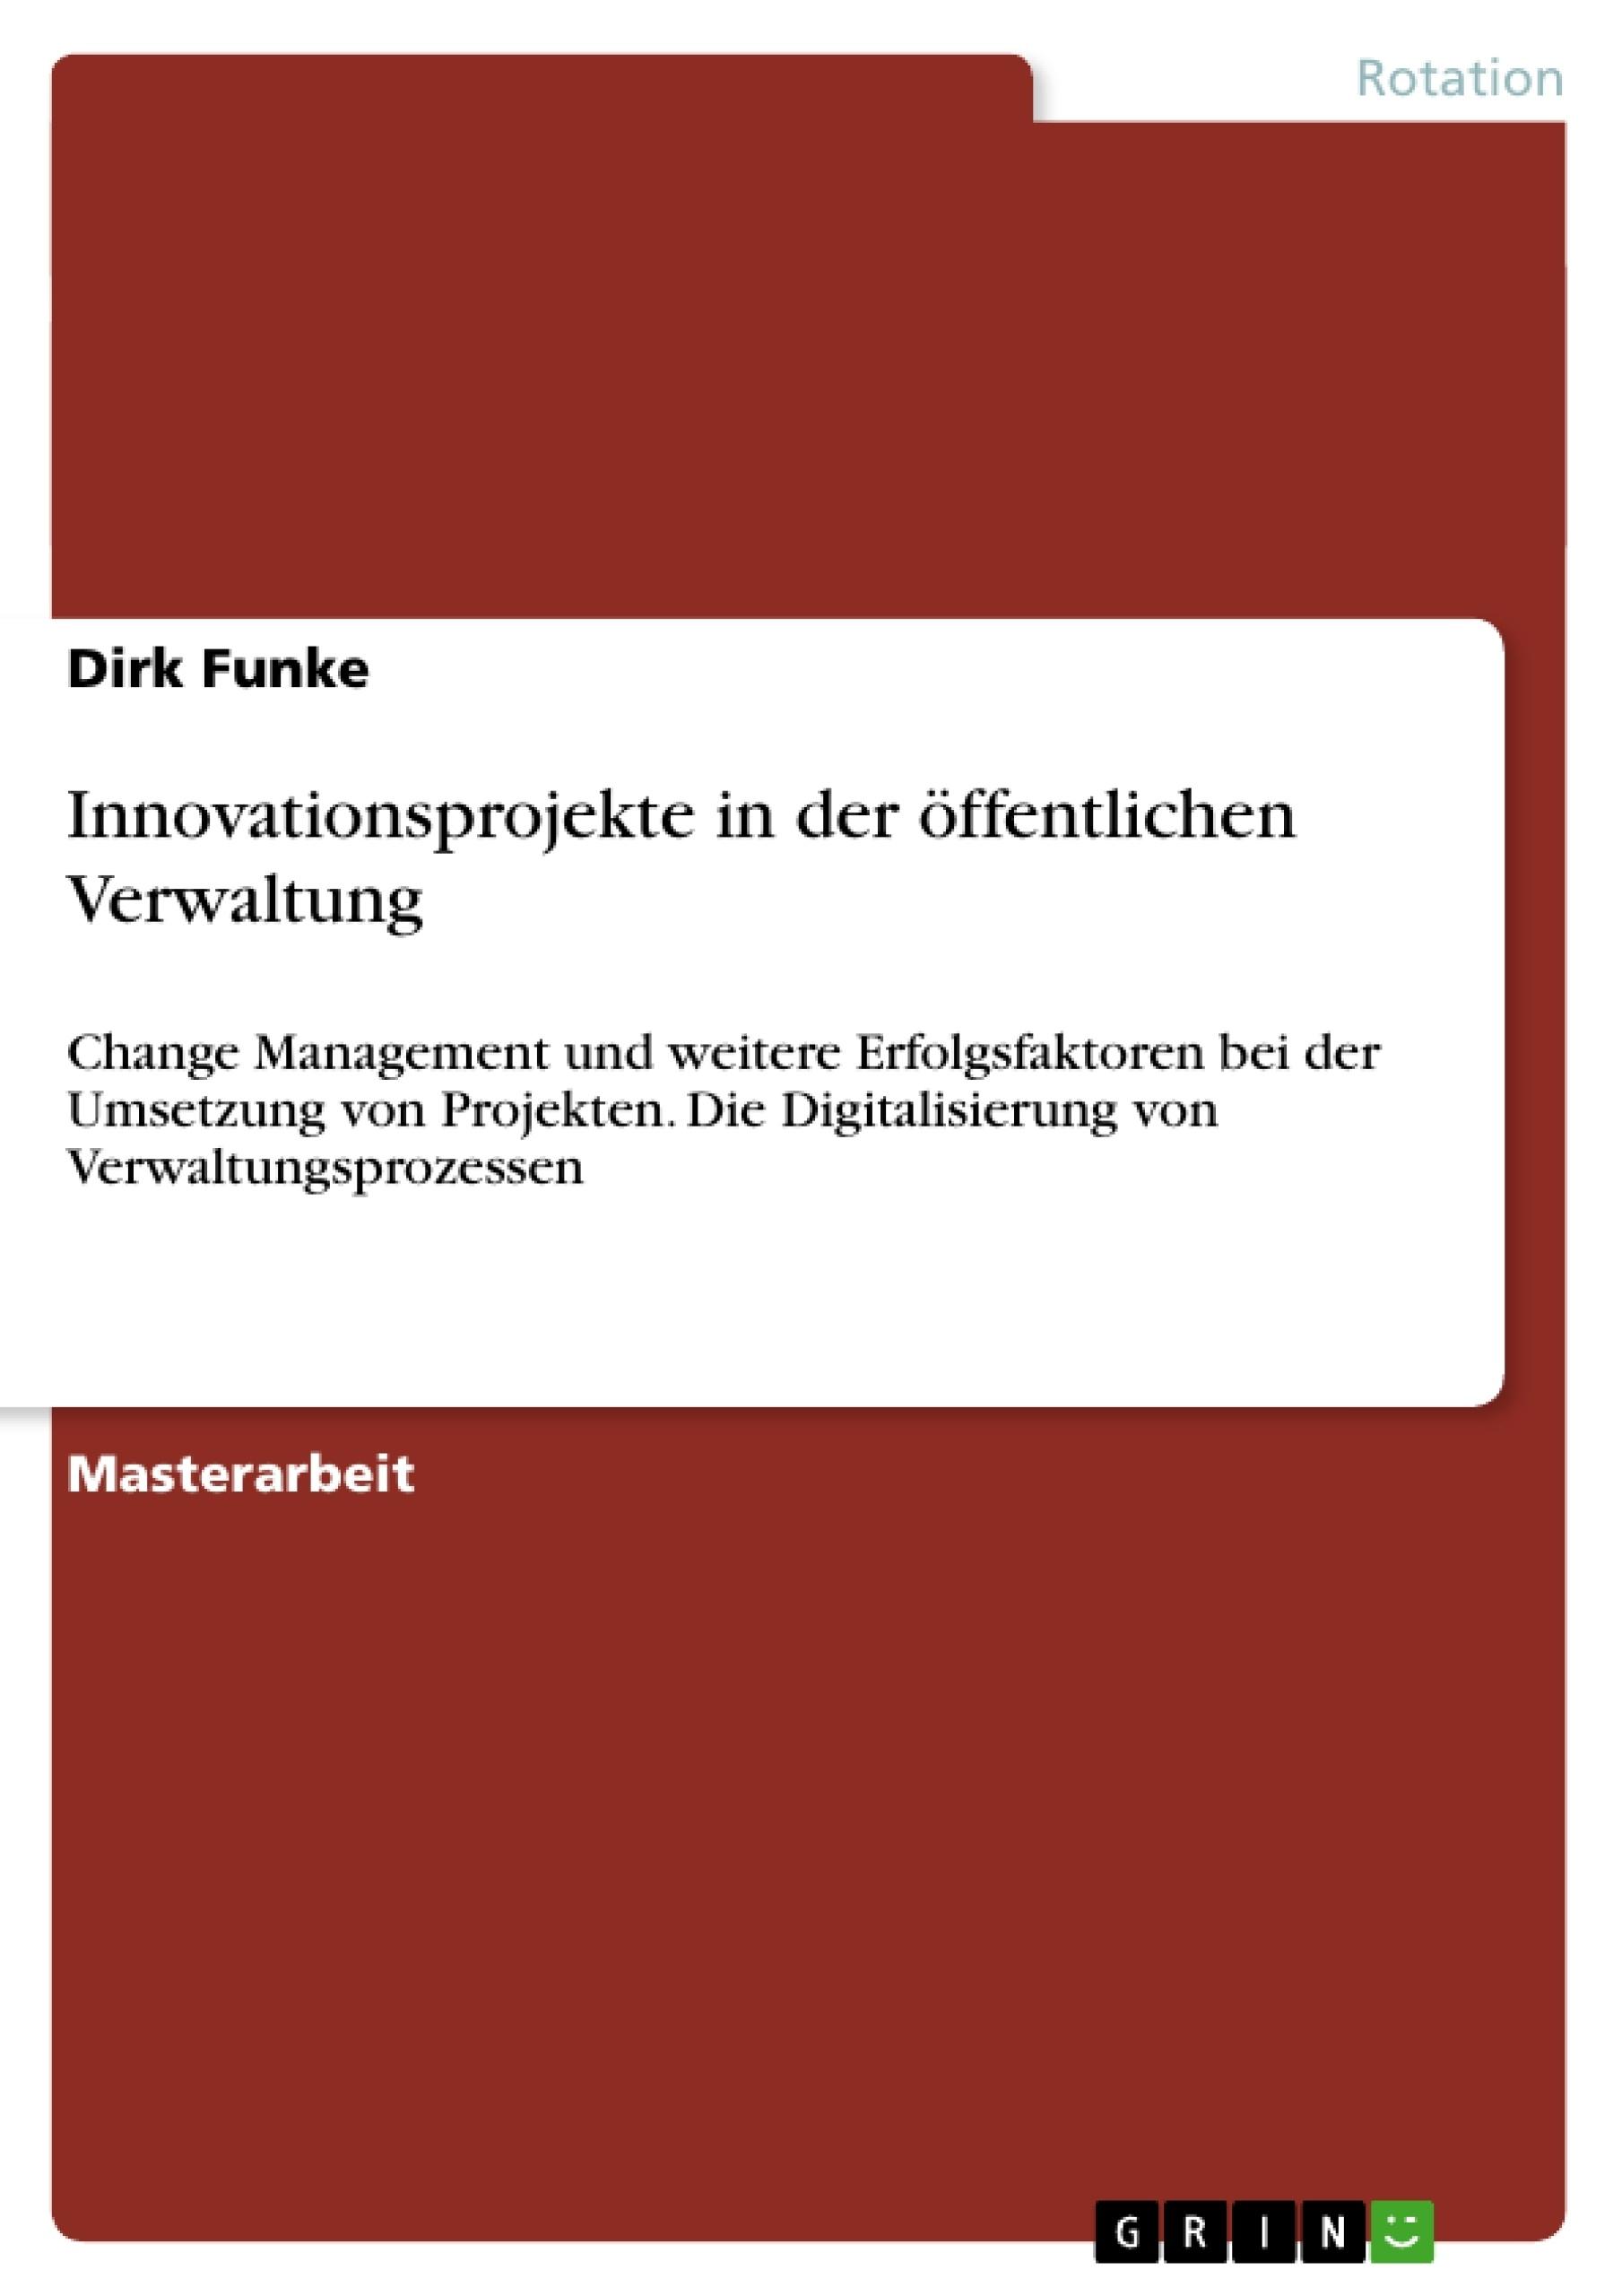 Titel: Innovationsprojekte in der öffentlichen Verwaltung